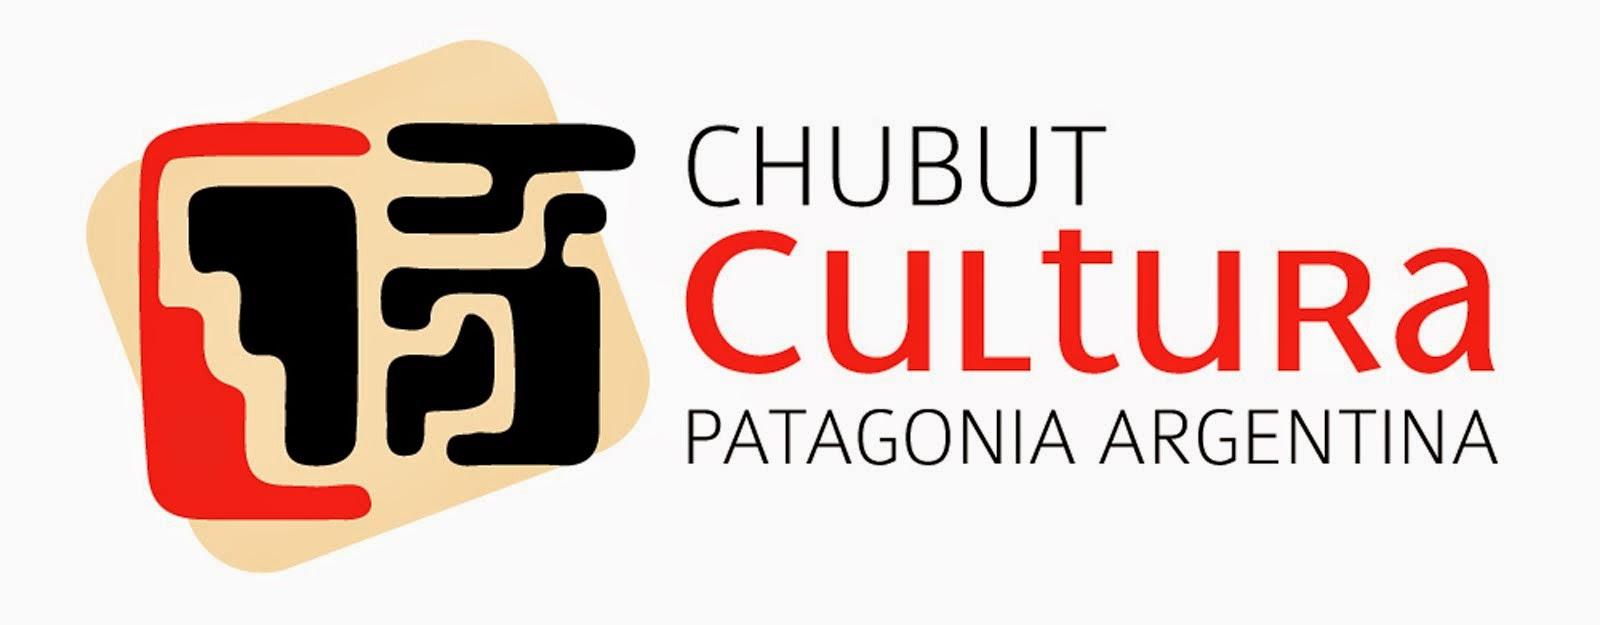 Secretaria de Cultura Chubut